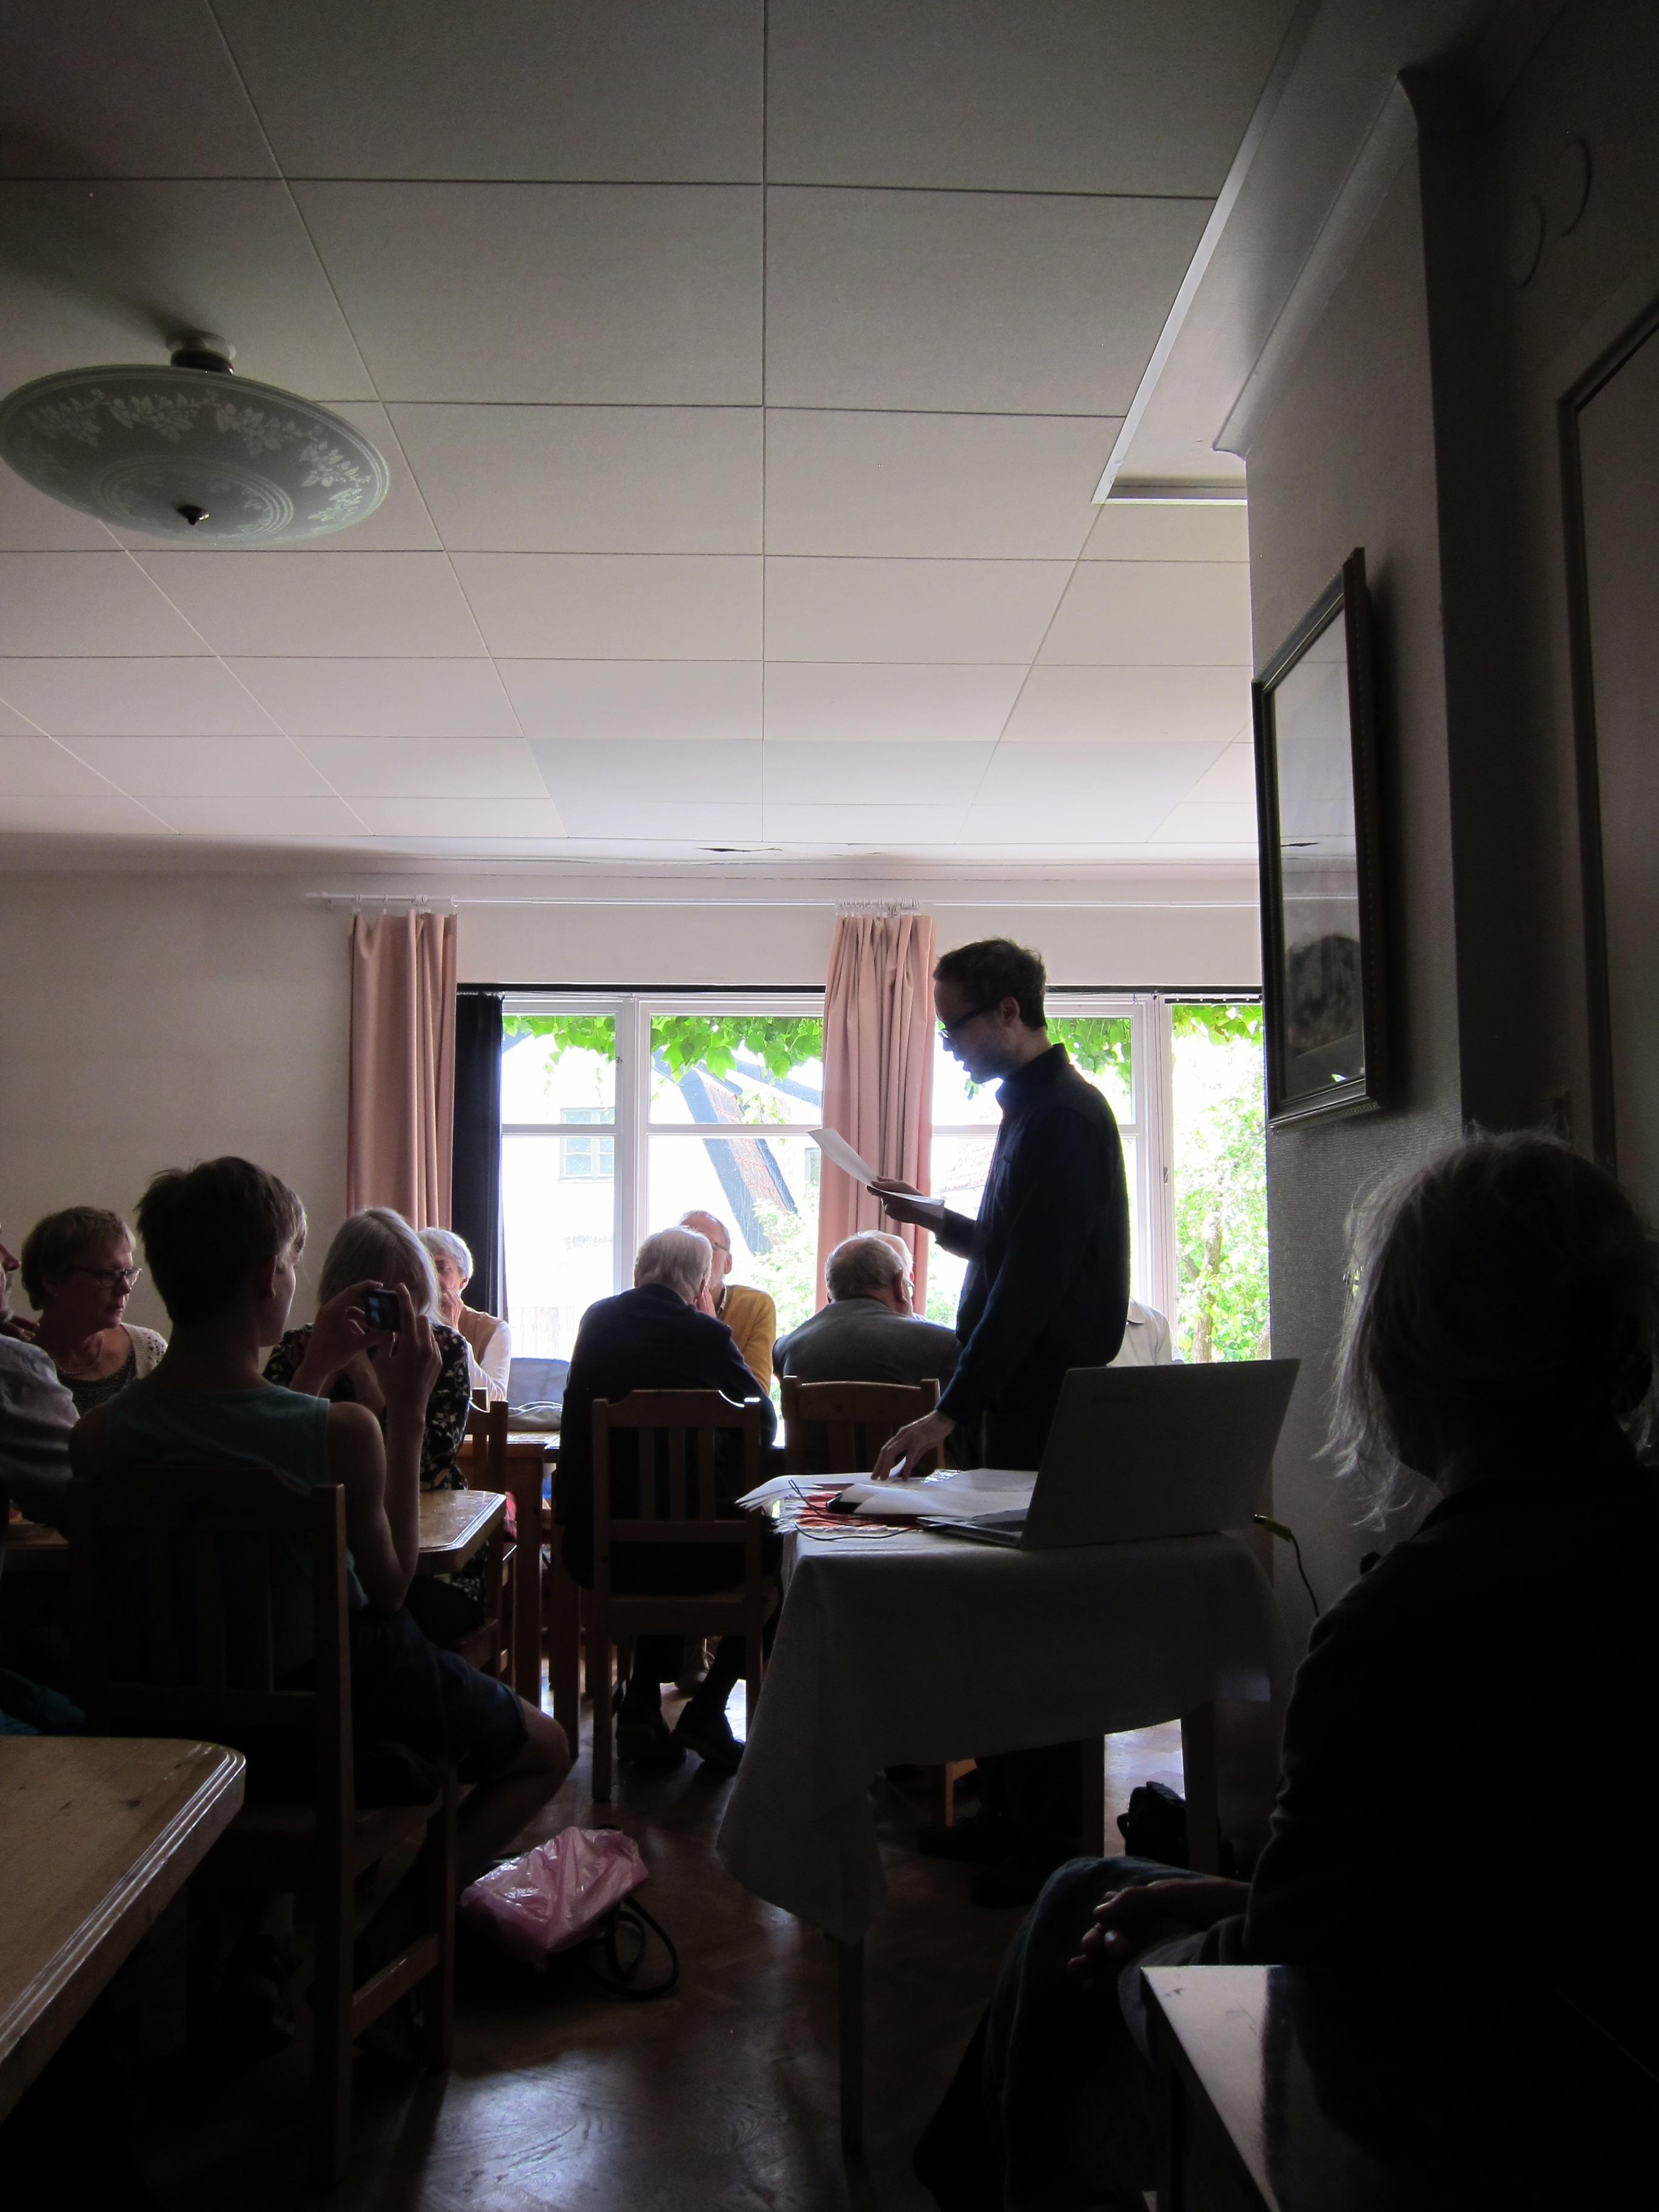 """Reading del 19 giugno 2016 a Visby (Svezia) su invito della parrocchia locale, durante la residenza presso il """"Baltic Centre for Writers and Translators"""" (foto di Vinko Möderndorfer)"""